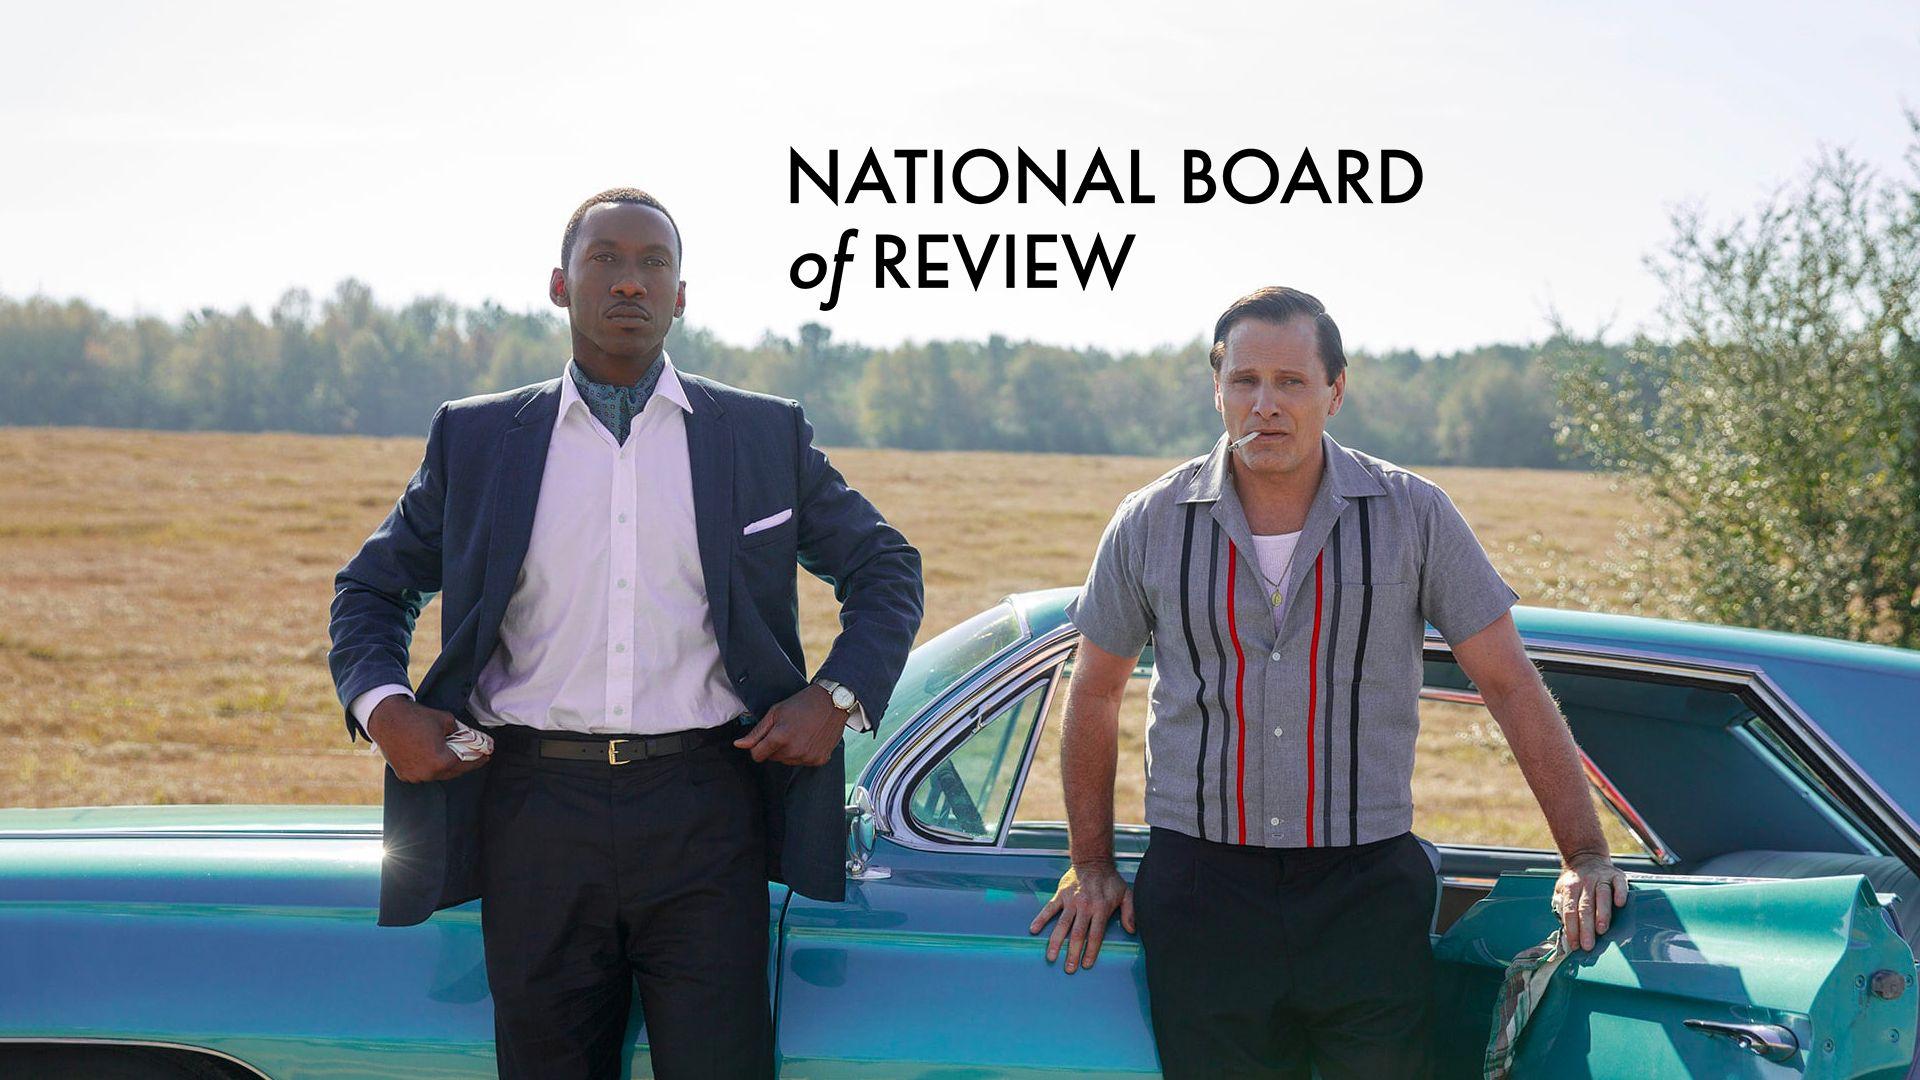 National Board Of Review 2018 : les premières tendances avant les Oscars 2019